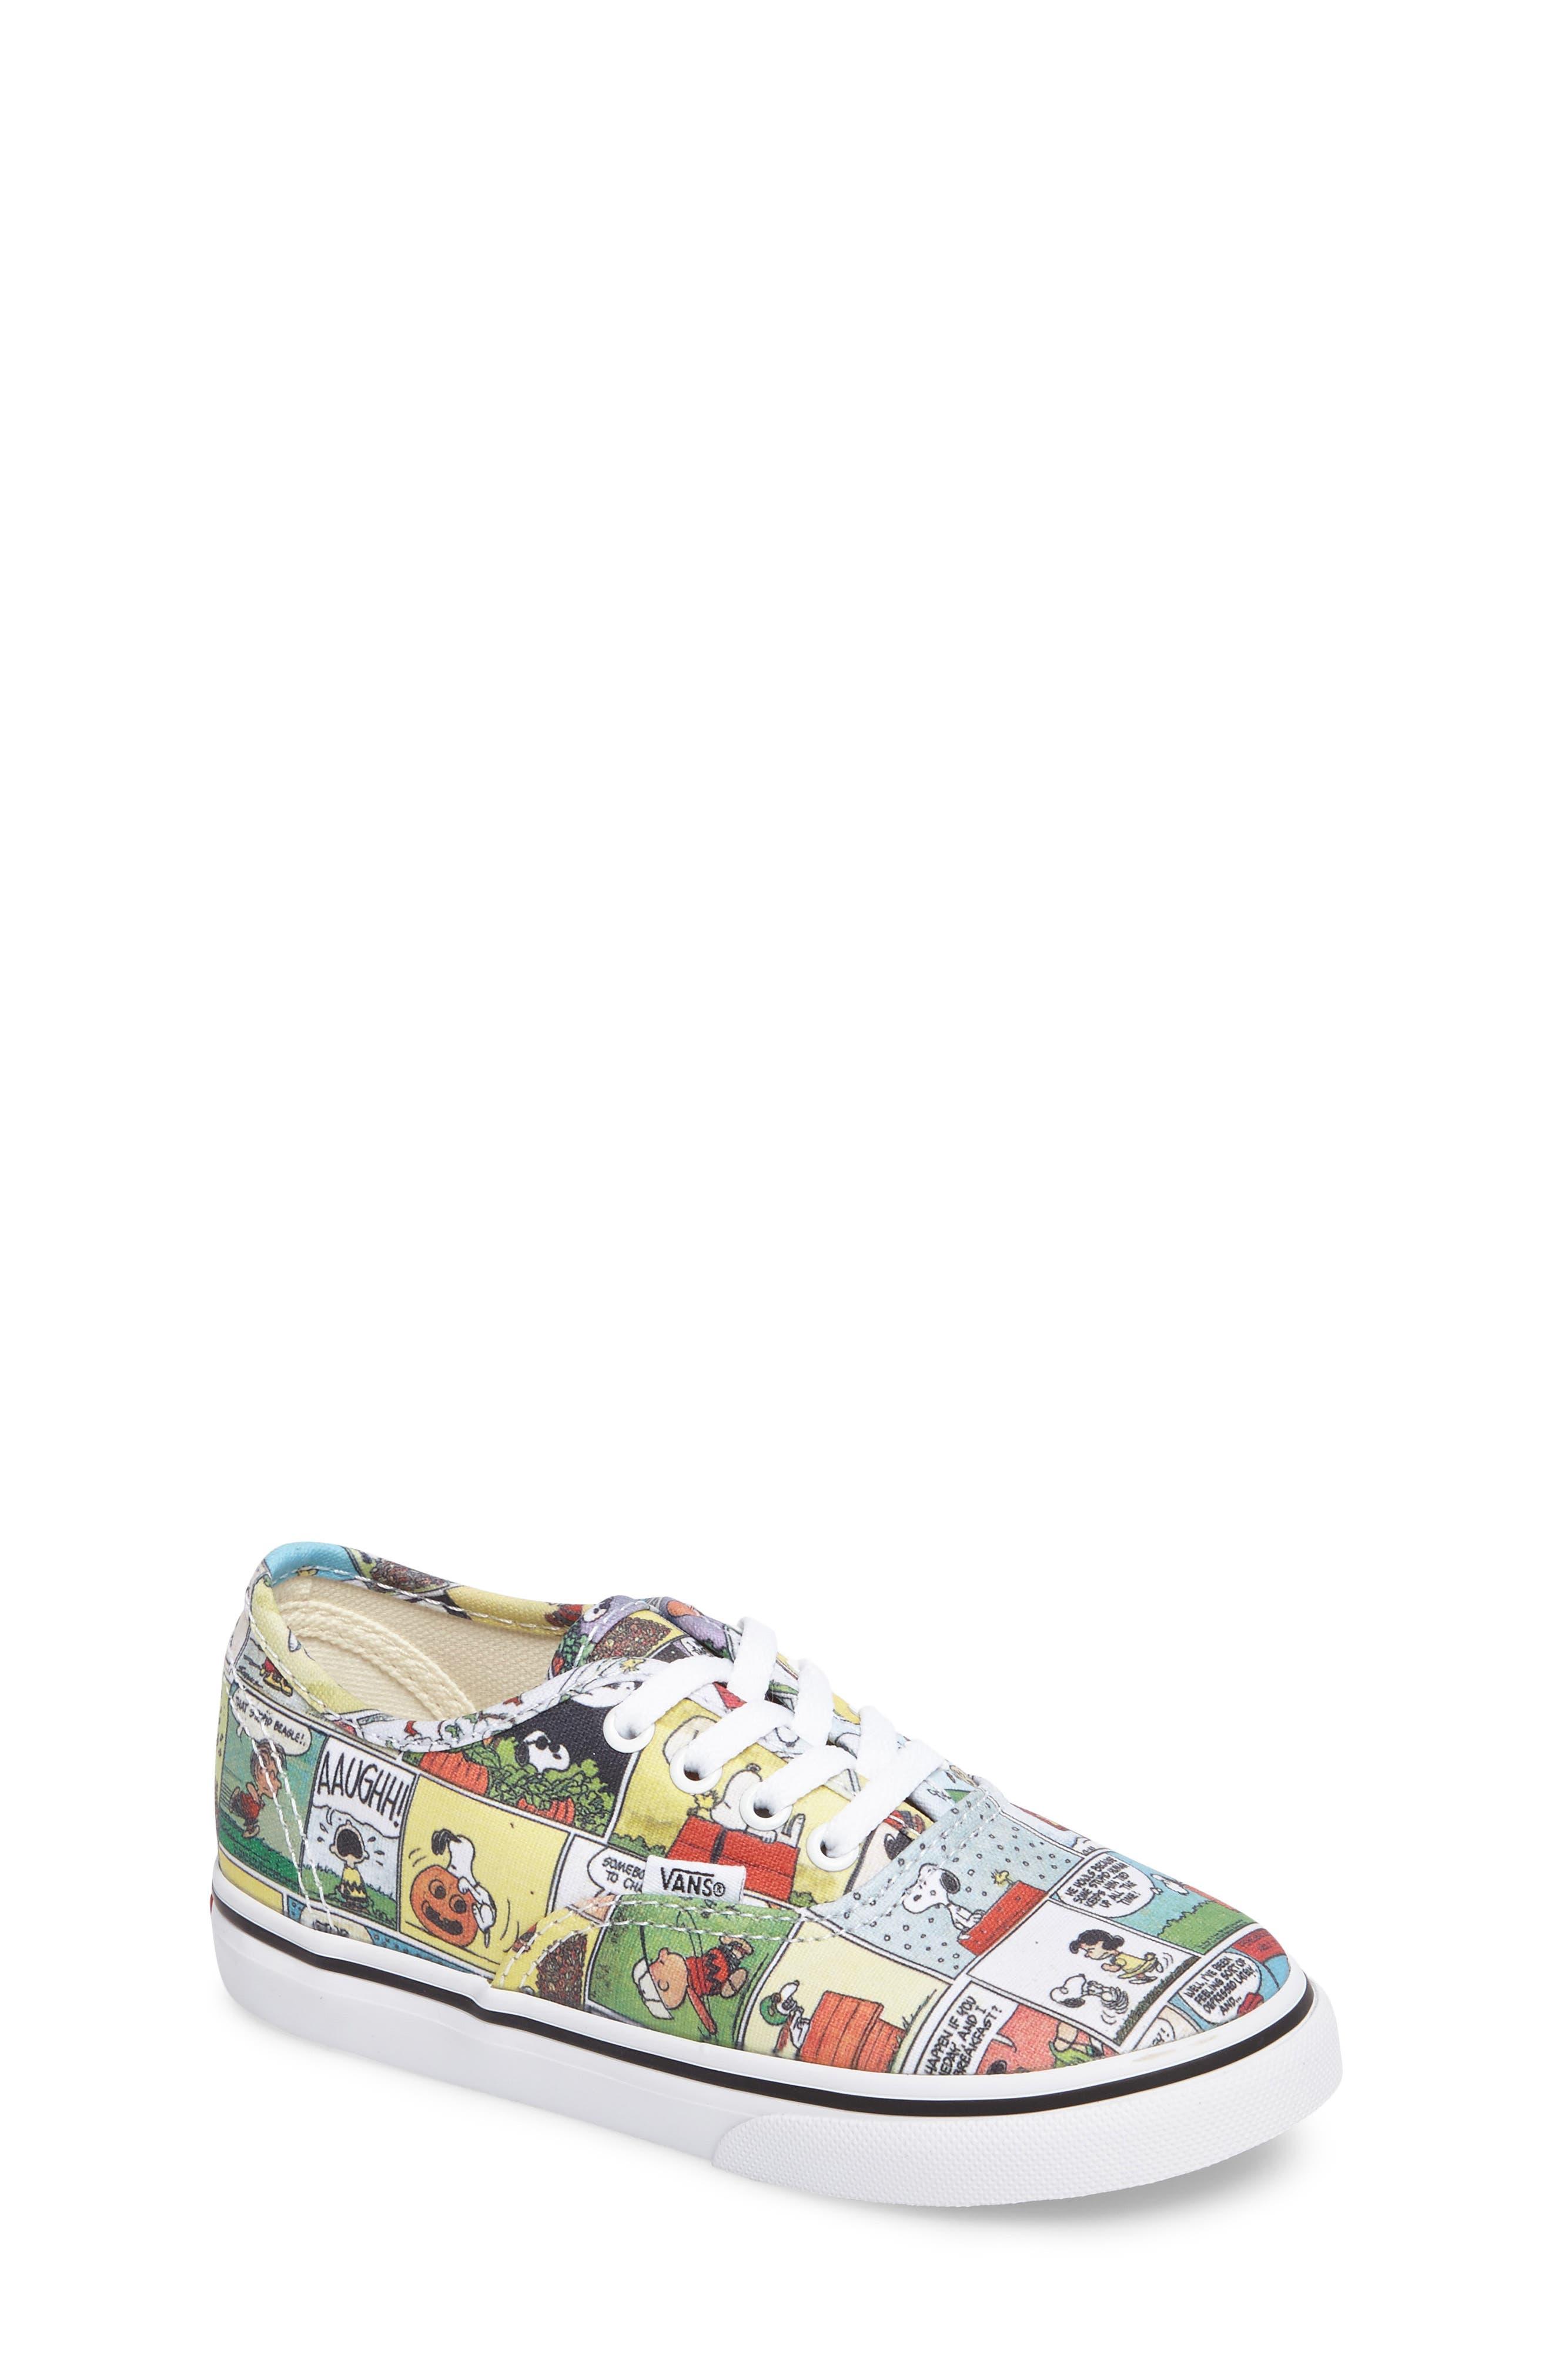 Alternate Image 1 Selected - Vans x Peanuts Authentic Low Top Sneaker (Baby, Walker, Toddler, Little Kid & Big Kid)